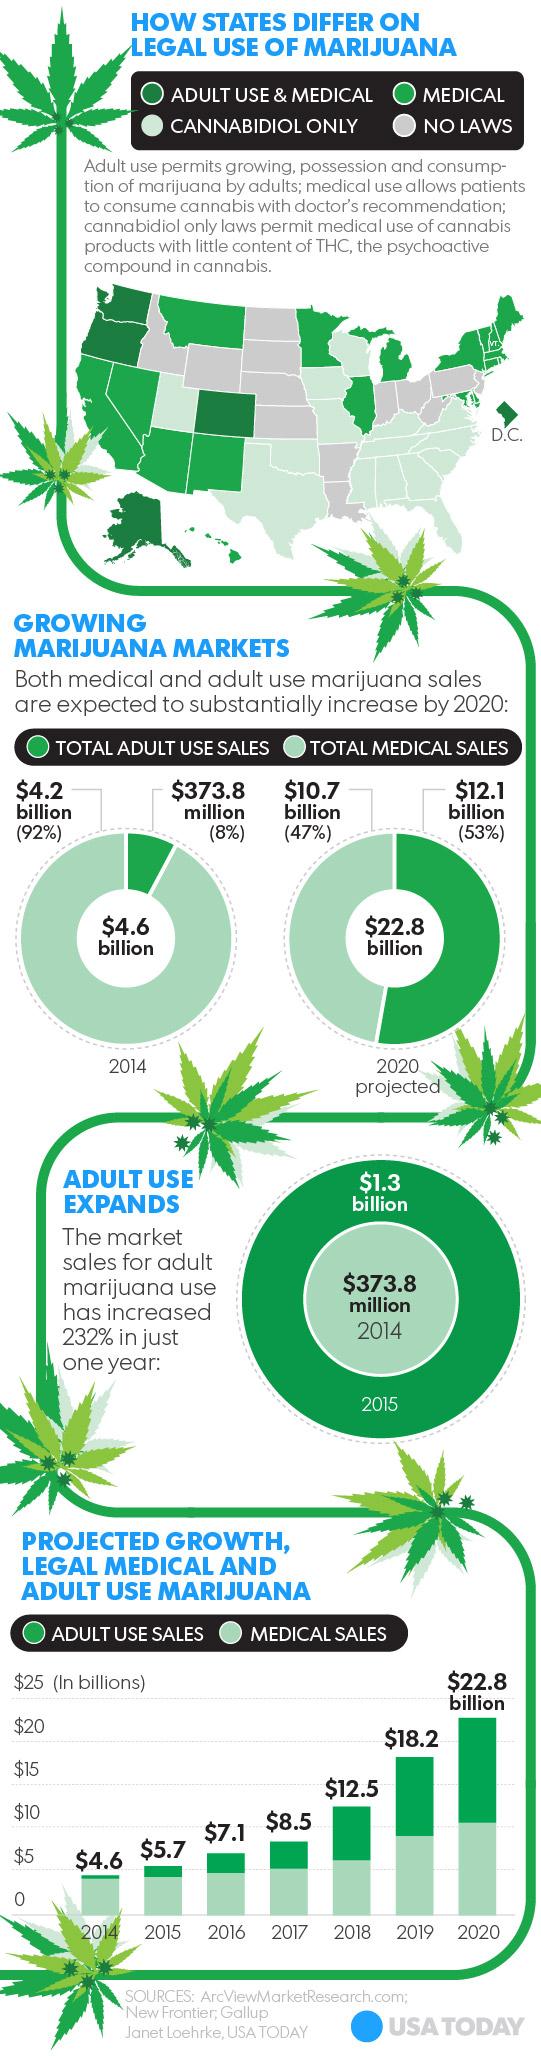 Infografía de USA Today